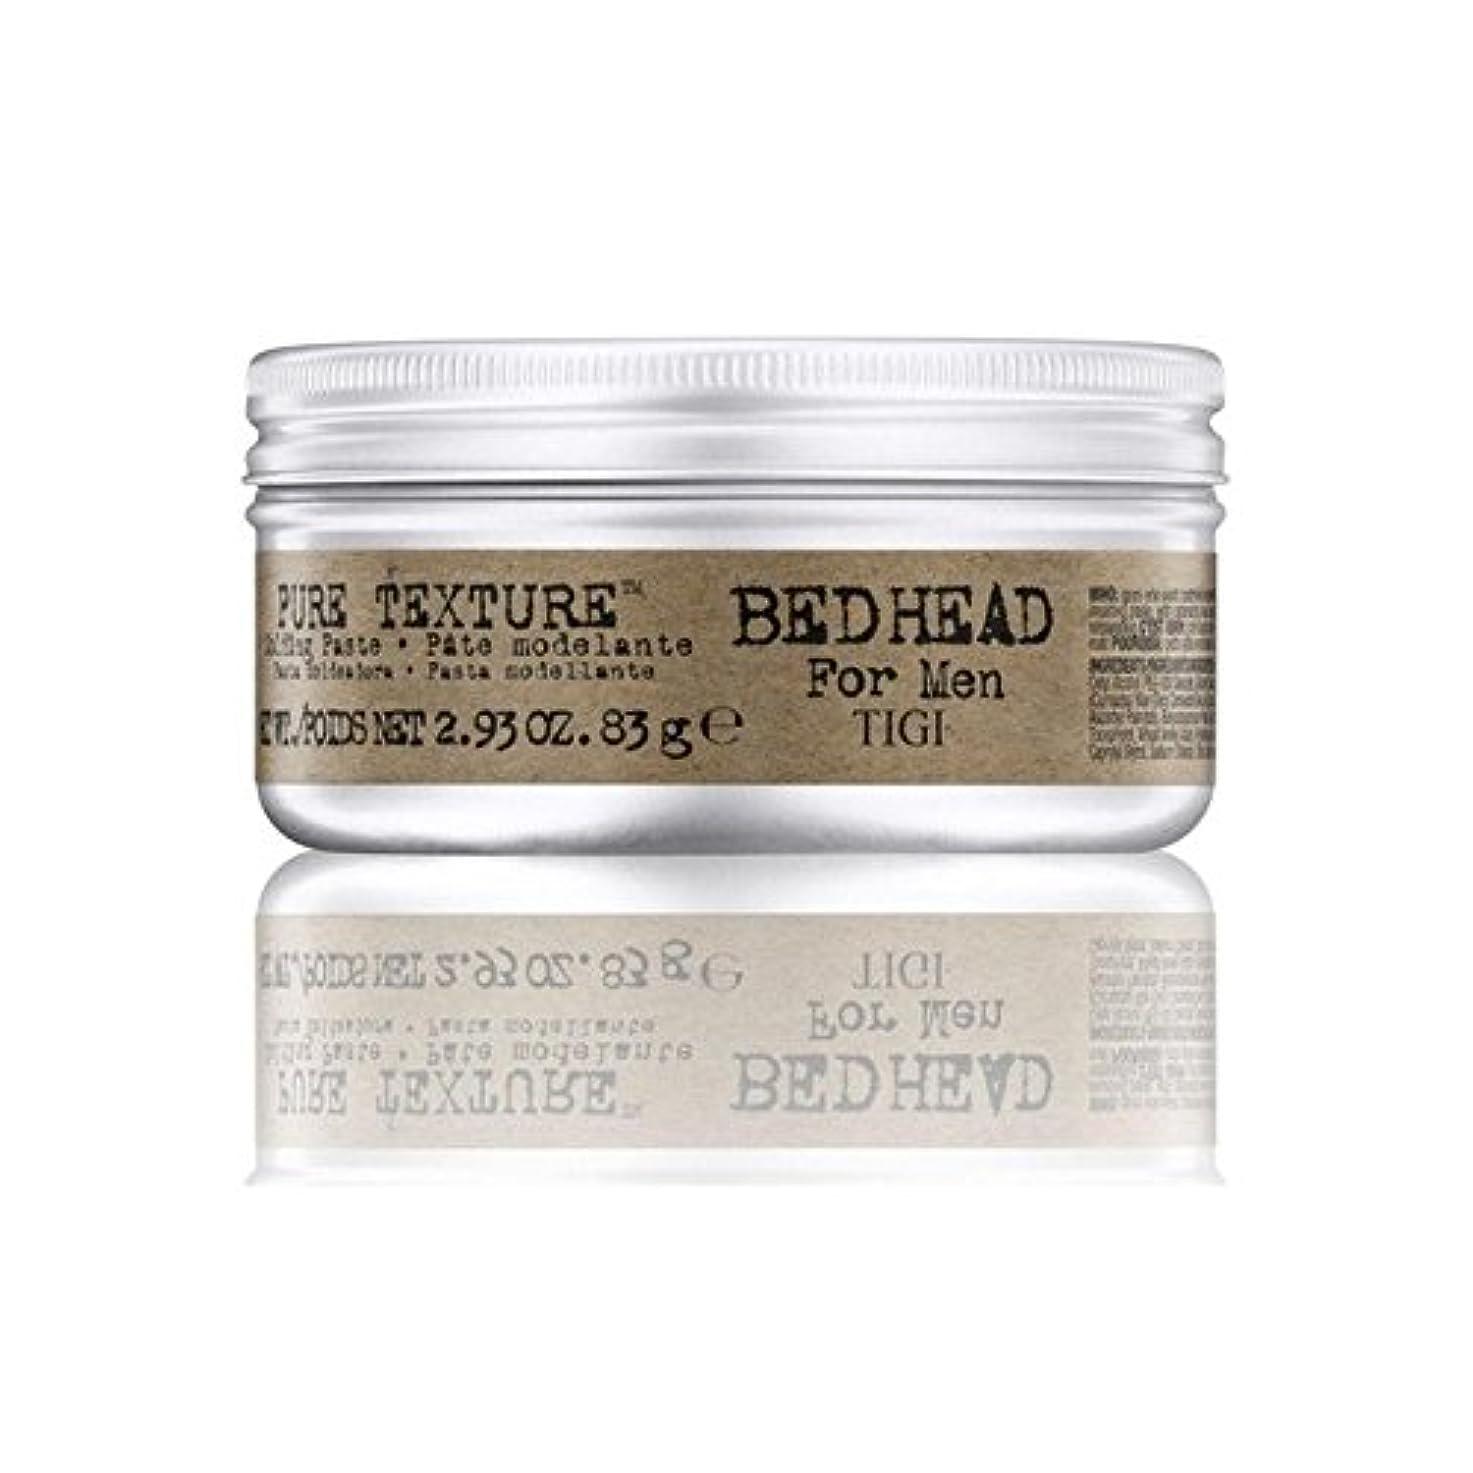 排除するダンプフレッシュTigi Bed Head For Men Pure Texture Molding Paste (83G) - 男性の純粋なテクスチャーモールディングペースト(83グラム)のためのティジーベッドヘッド [並行輸入品]